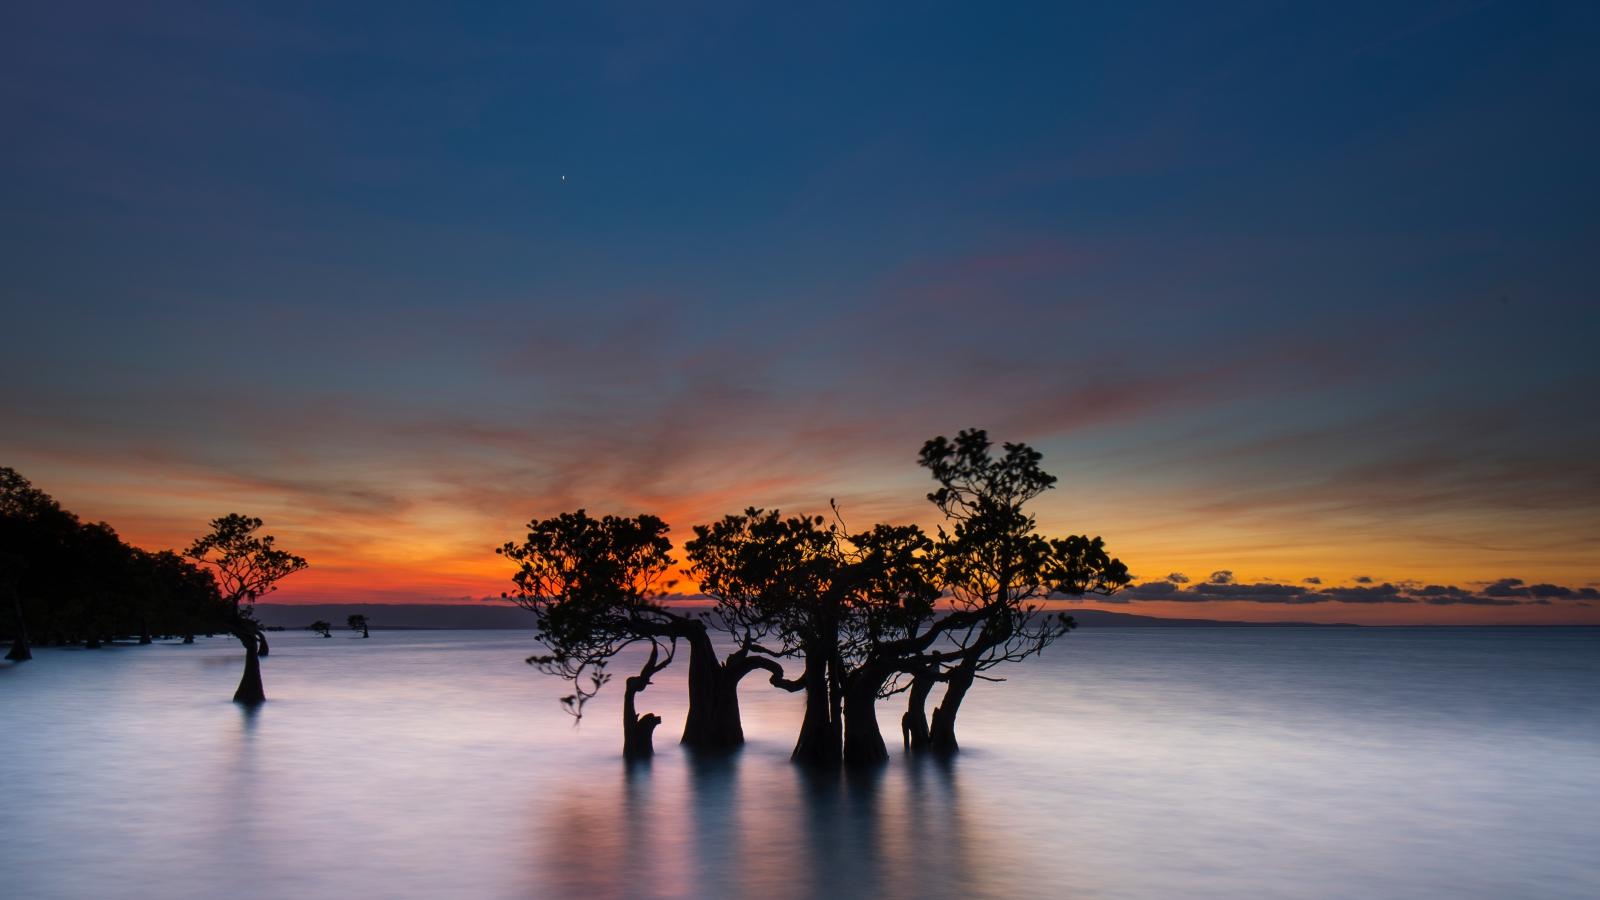 Referensi dan Rekomendasi Tempat Wisata di Indonesia: Taman Budaya Garuda Wisnu Kencana Bali